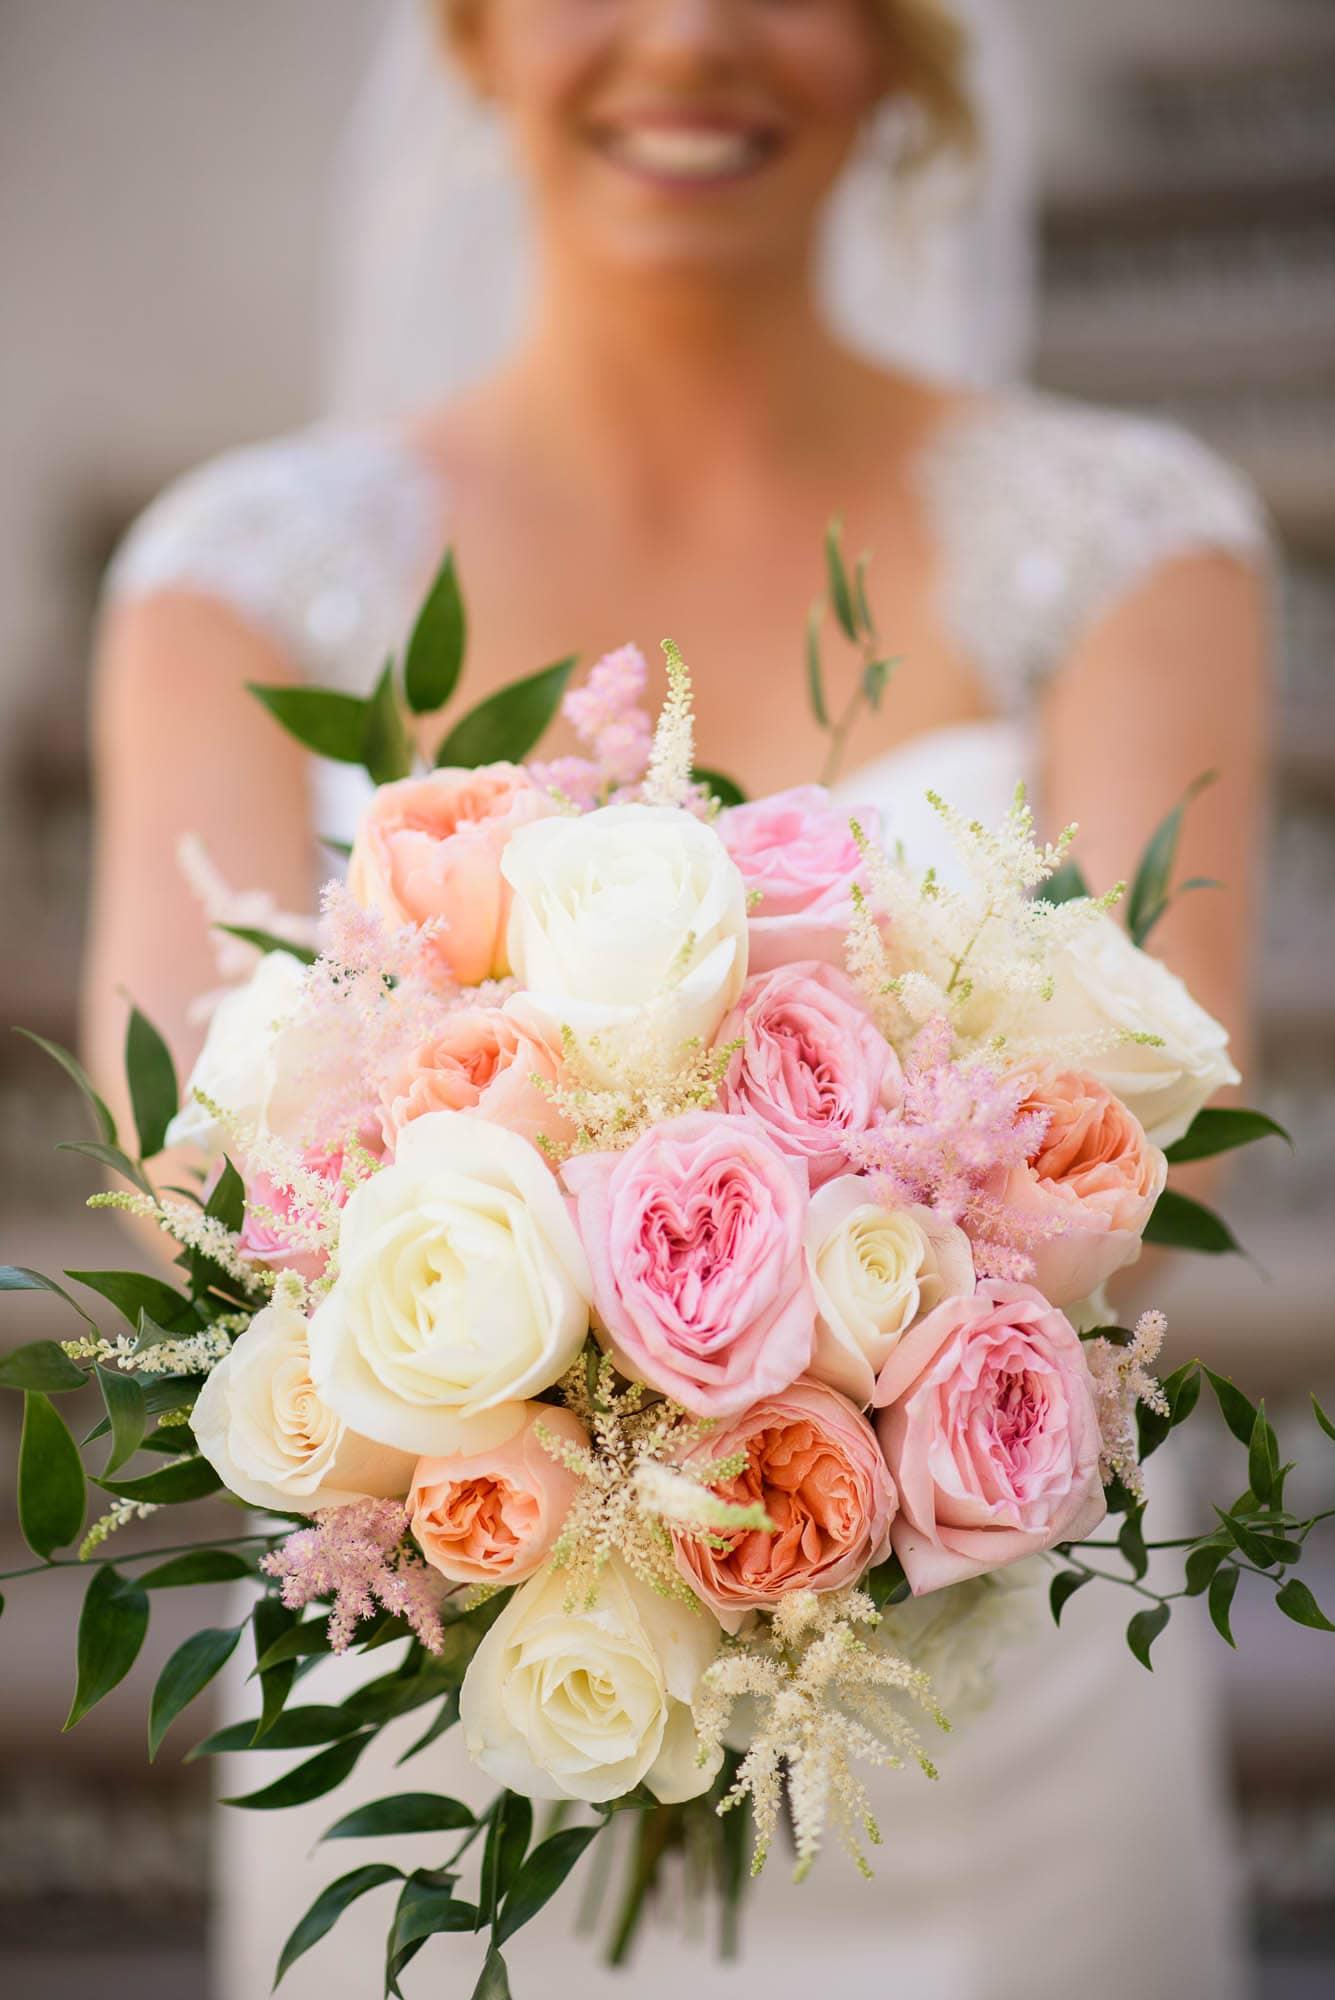 013_Alan_and_Heidi_Wedding_Amanda_Chad